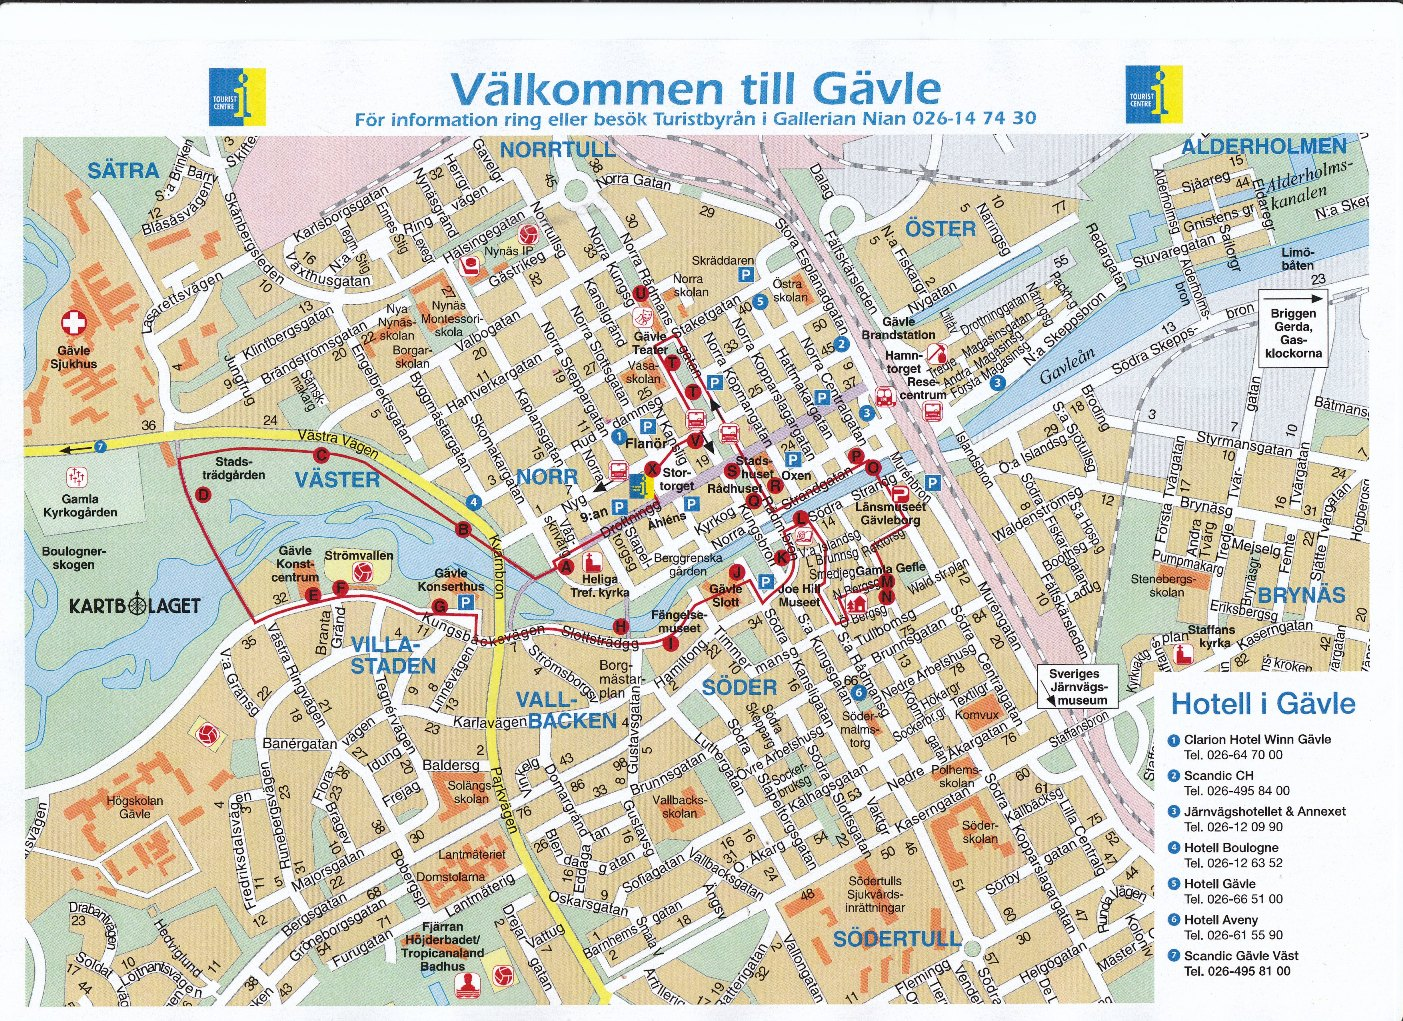 karta gävle A Walking Tour of Gävle   Gävledraget karta gävle